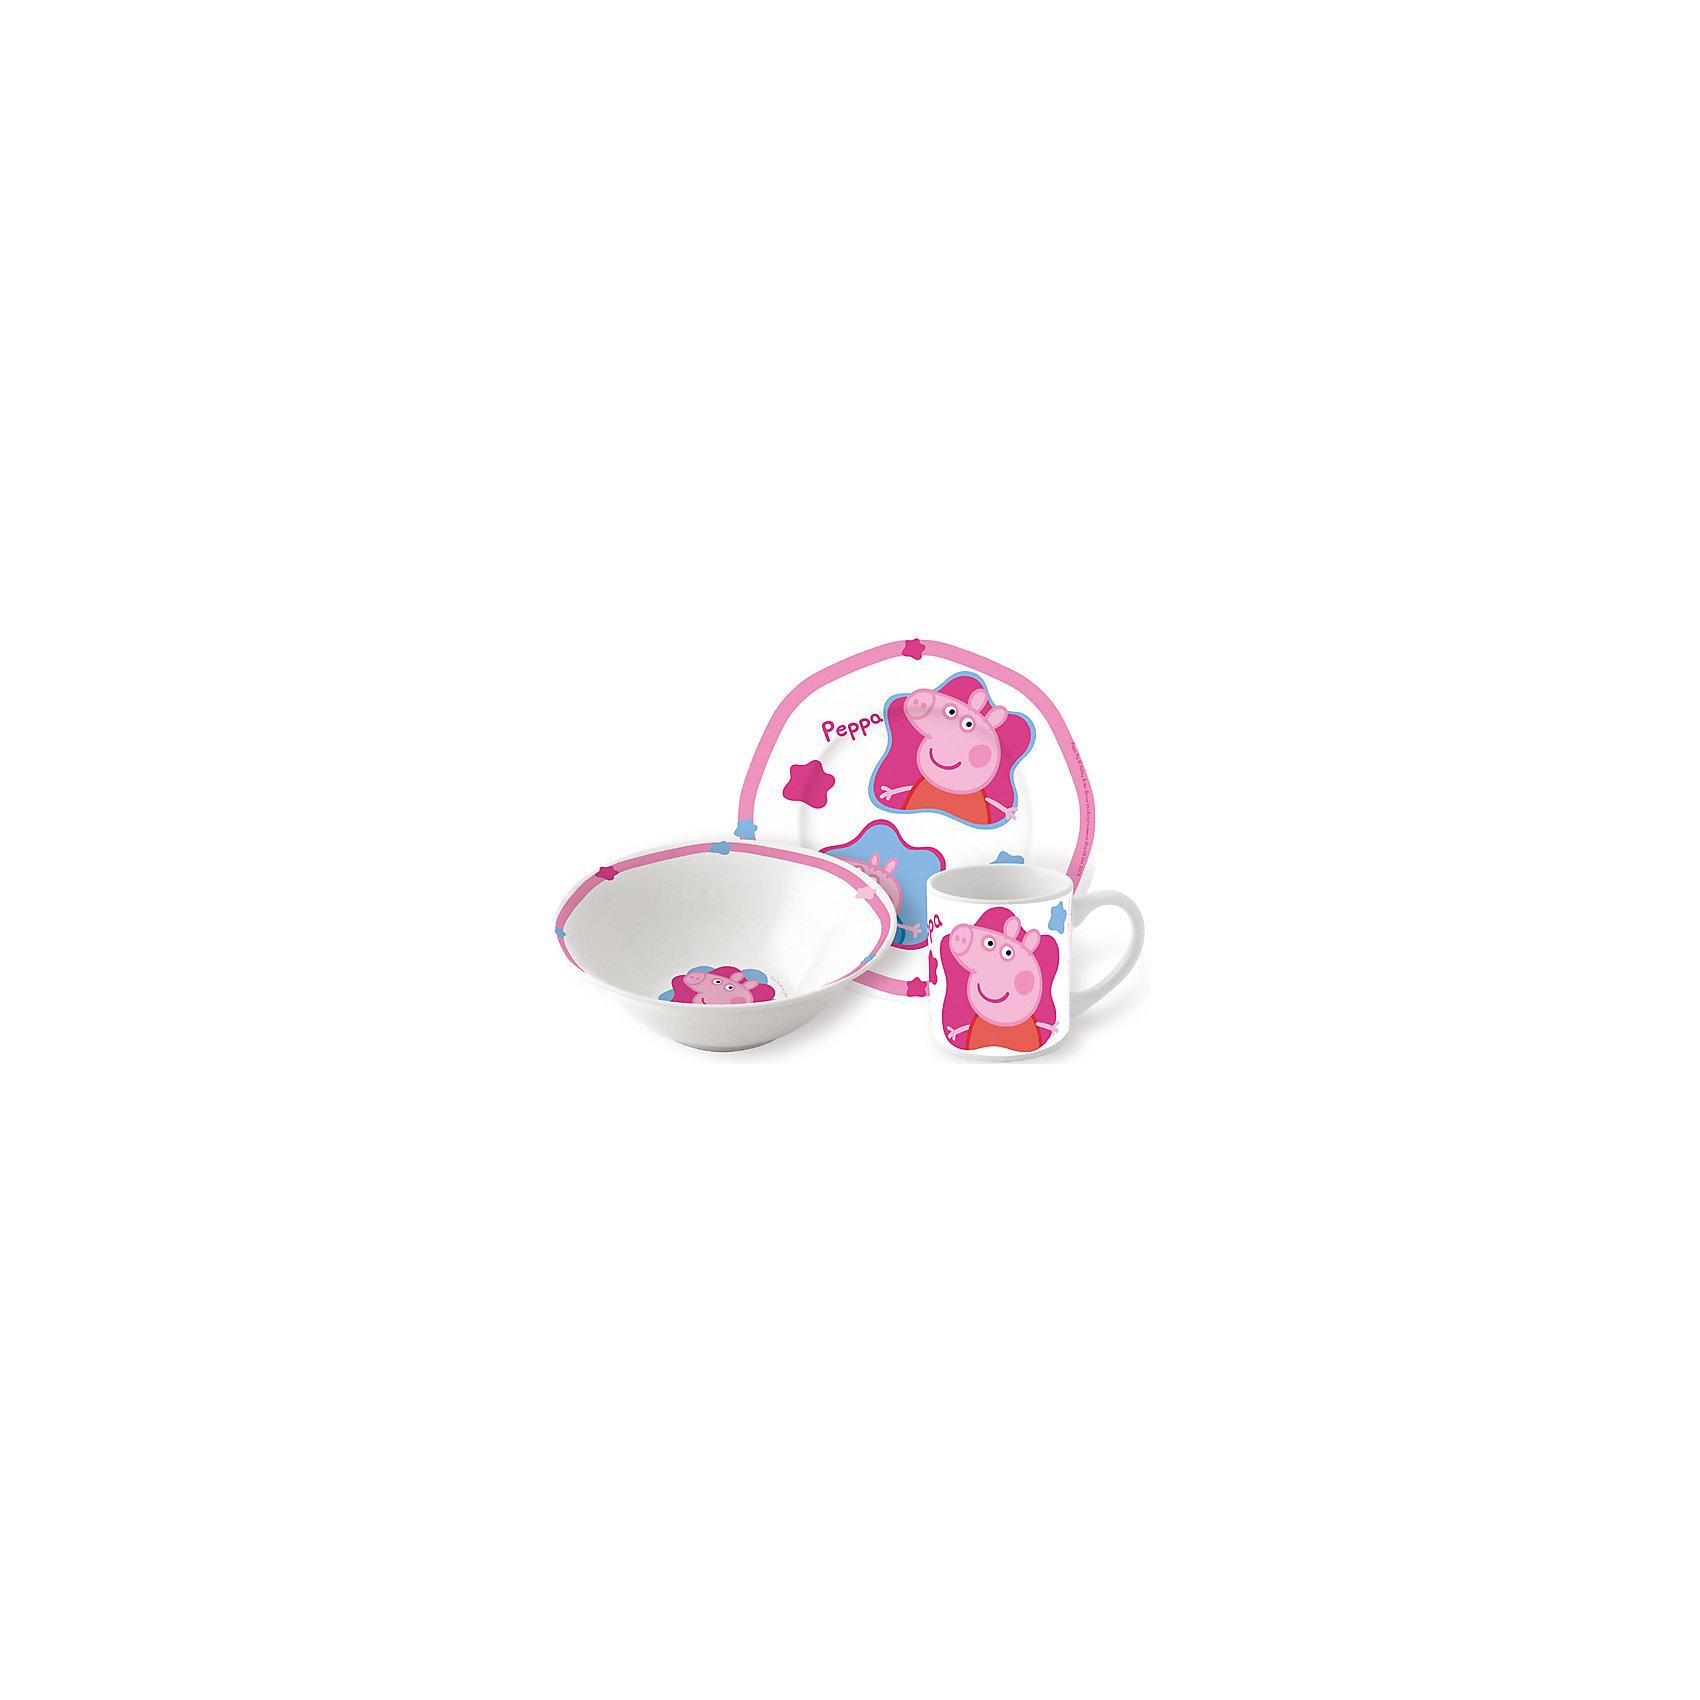 Набор посуды Свинка Пеппа (3 предмета, керамика)Набор посудыПеппа Пиг (3 предмета, керамика) – эта яркая красочная посуда поднимет настроение вашему ребенку.<br>Набор красочной детской посуды Пеппа Пиг выполненный из качественной керамики, идеально подойдет для повседневного использования. В комплект входят: кружка с удобной ручкой, миска, плоская тарелка для вторых блюд и десертов. Яркий набор выполнен в едином стиле, декорирован изображениями свинки Пеппы. С такой посудой привычная еда станет вкуснее!<br><br>Дополнительная информация:<br><br>- В наборе: кружка, миска, тарелка<br>- Материал: керамика<br>- Диаметр плоской тарелки для вторых блюд и десертов: 19 см.<br>- Диаметр миски: 18 см.<br>- Объем кружки: 210 мл.<br>- Упаковка: подарочная коробка<br>- Размер упаковки: 25 x 8,5 x 20 см.<br>- Вес: 973 гр.<br><br>Набор посудыПеппа Пиг (3 предмета, керамика) можно купить в нашем интернет-магазине.<br><br>Ширина мм: 250<br>Глубина мм: 85<br>Высота мм: 200<br>Вес г: 973<br>Цвет: розовый<br>Возраст от месяцев: 36<br>Возраст до месяцев: 84<br>Пол: Унисекс<br>Возраст: Детский<br>SKU: 4606783